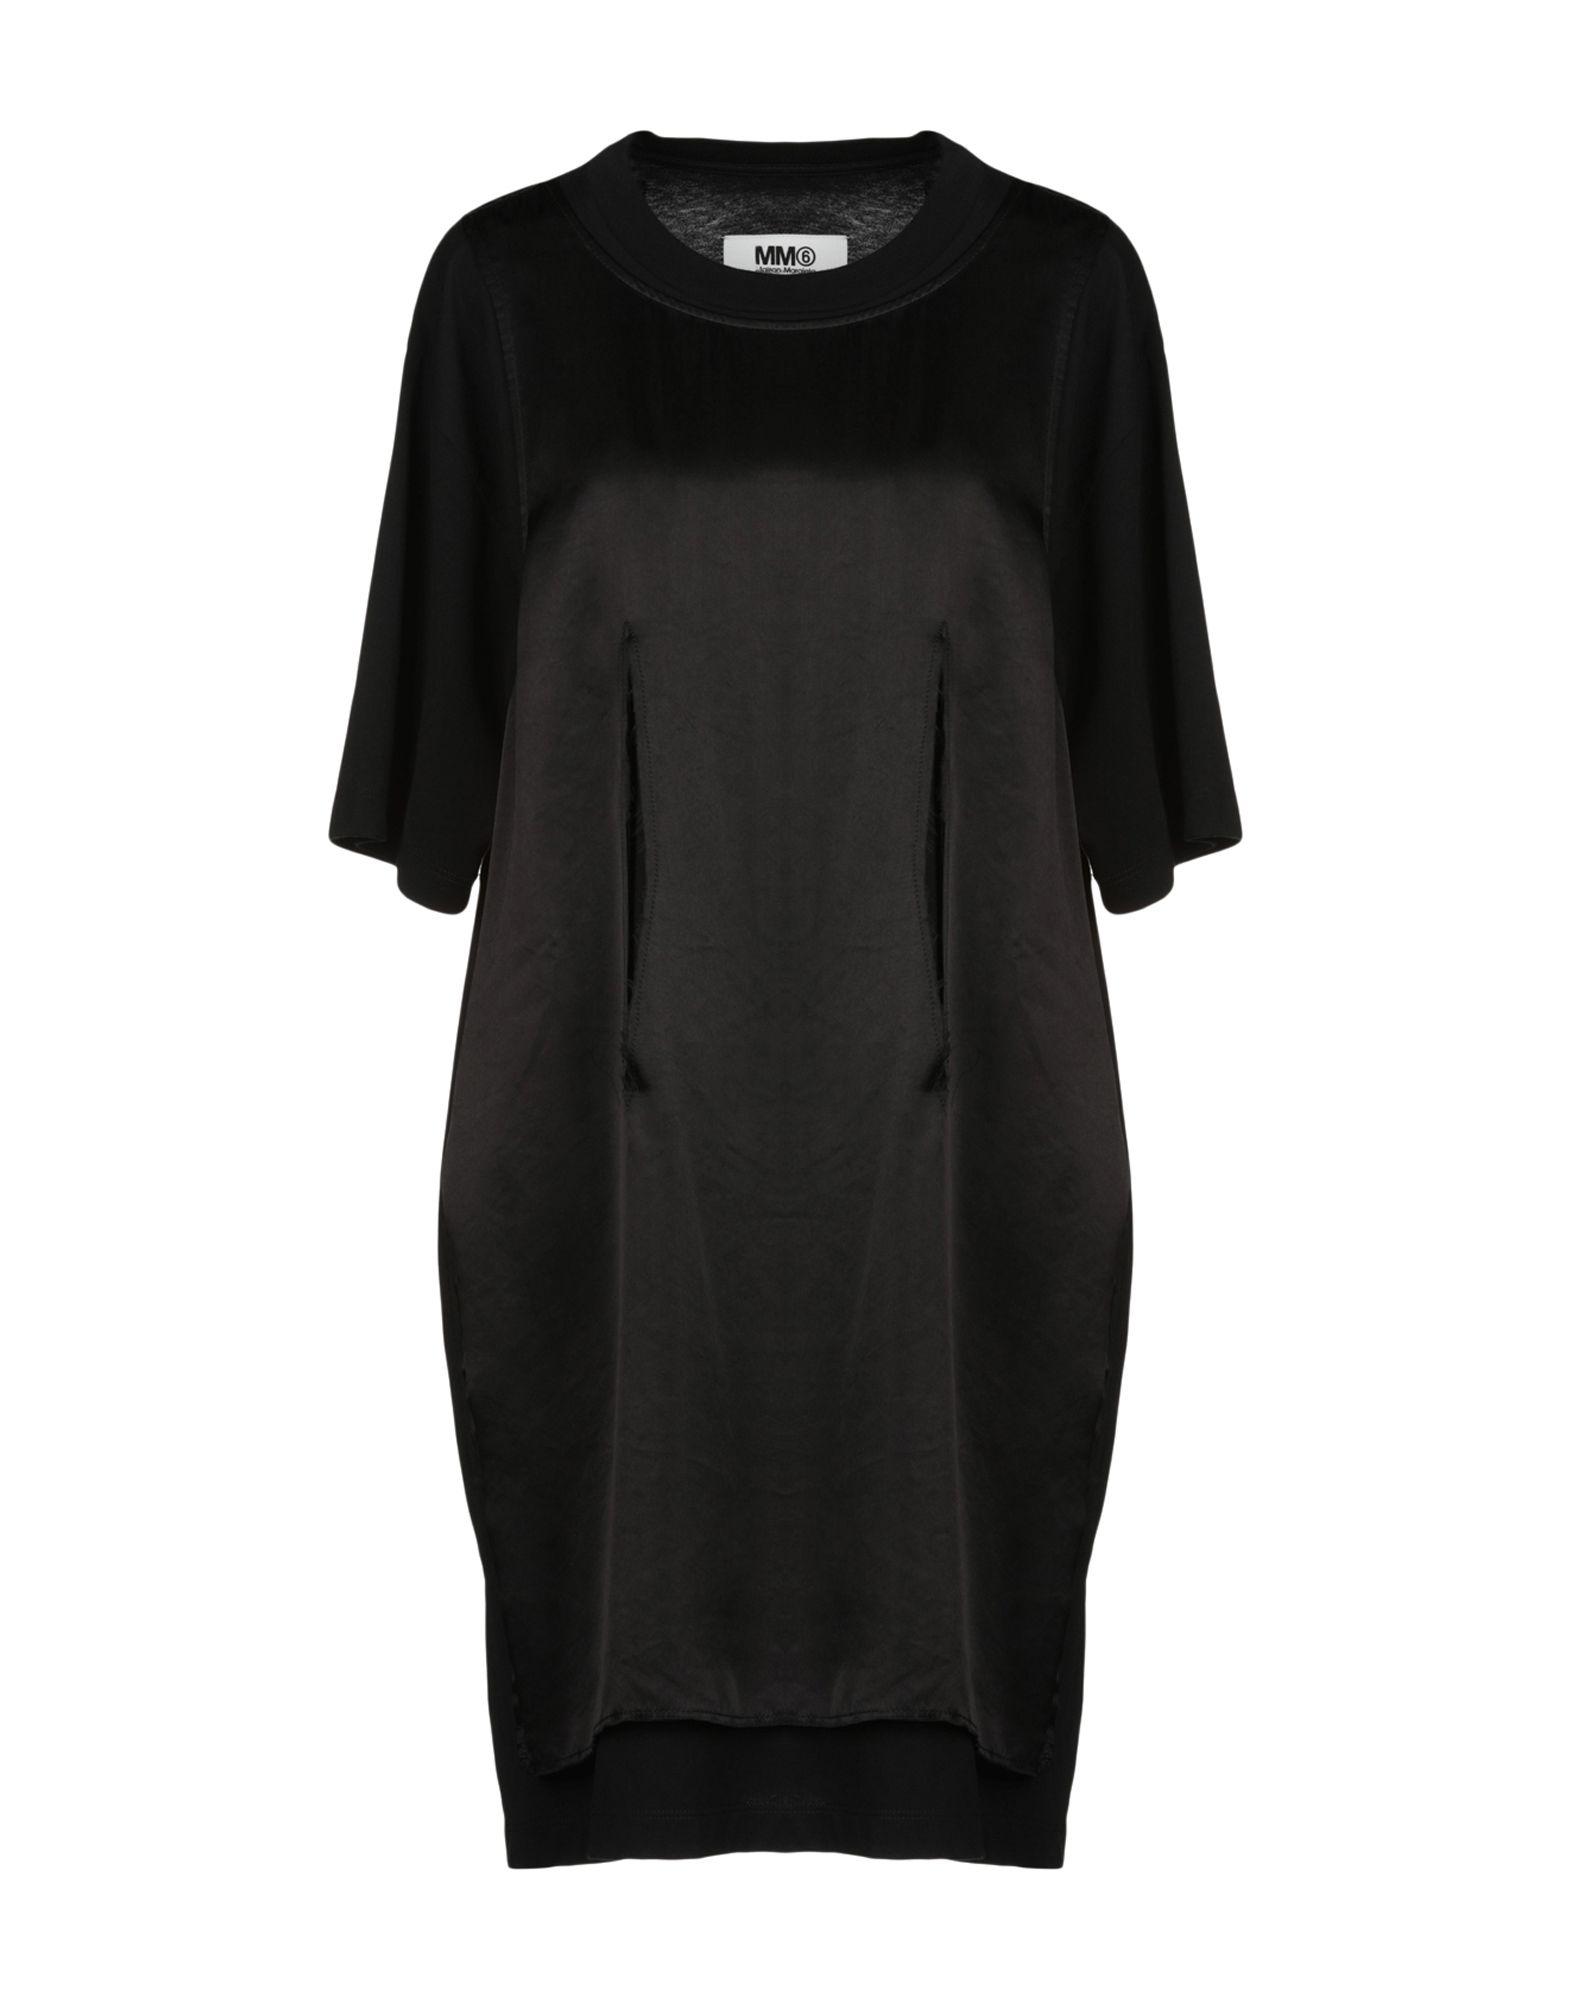 купить MM6 MAISON MARGIELA Короткое платье по цене 17000 рублей